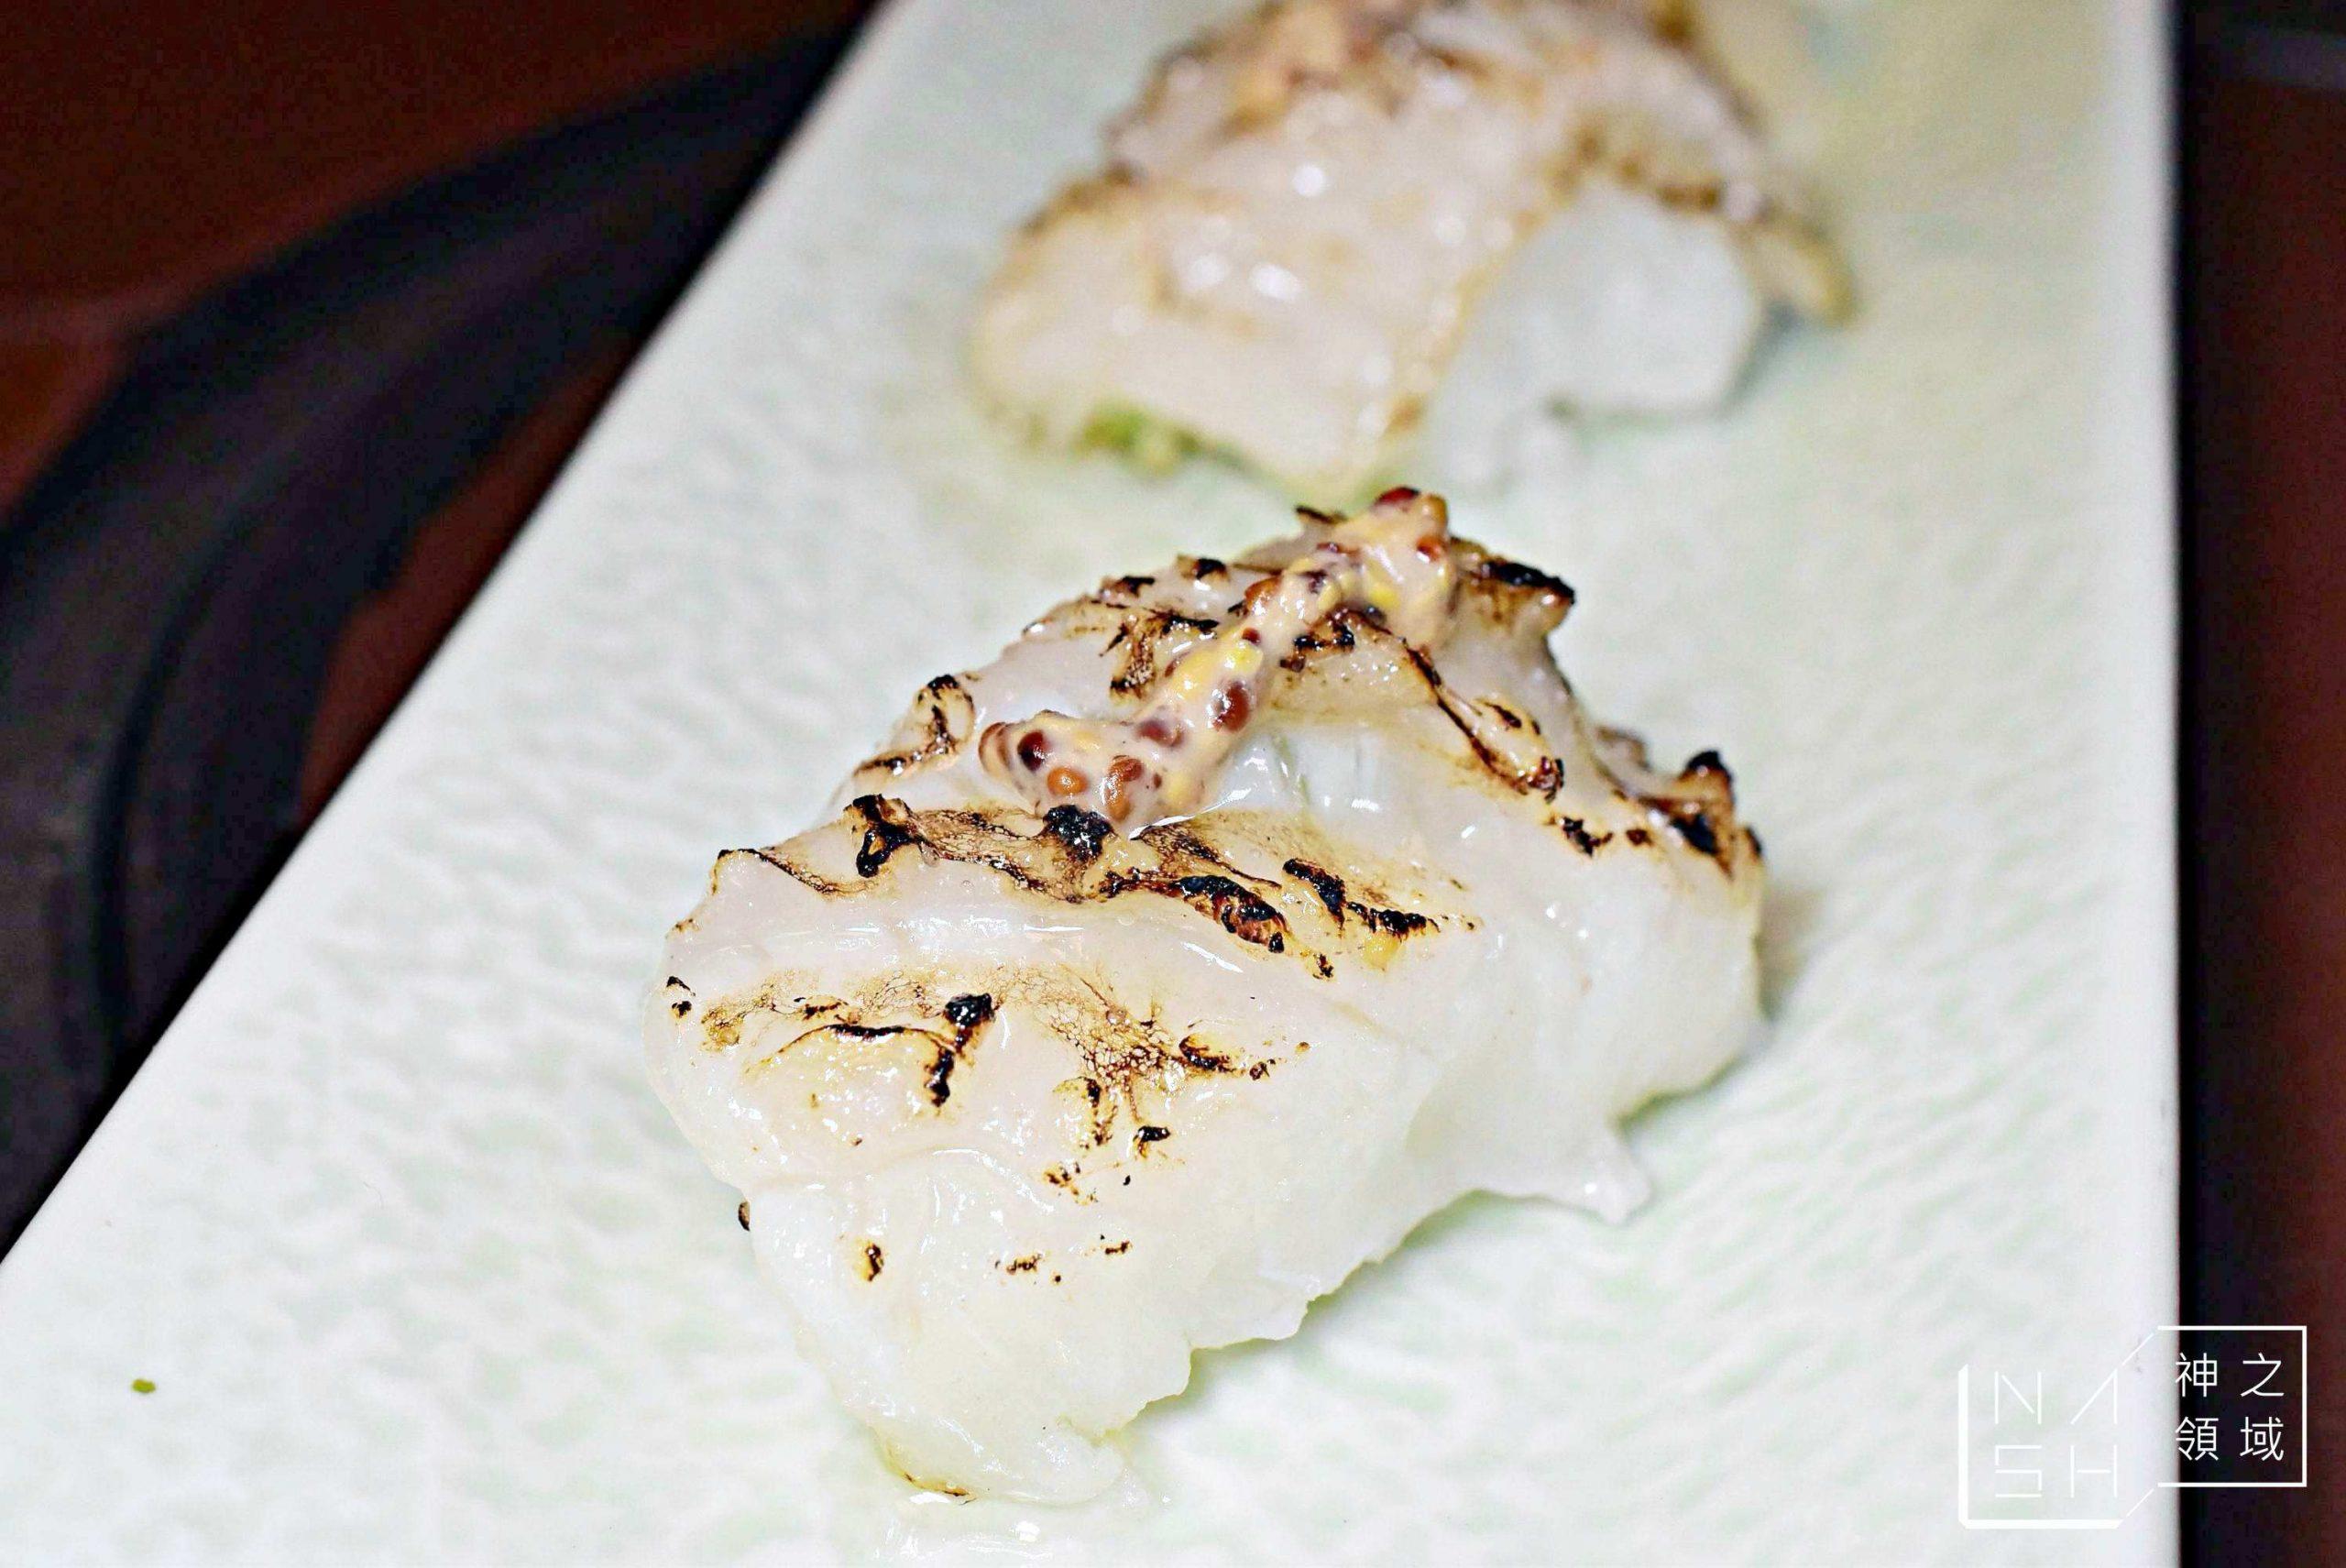 福顏割烹日本料理